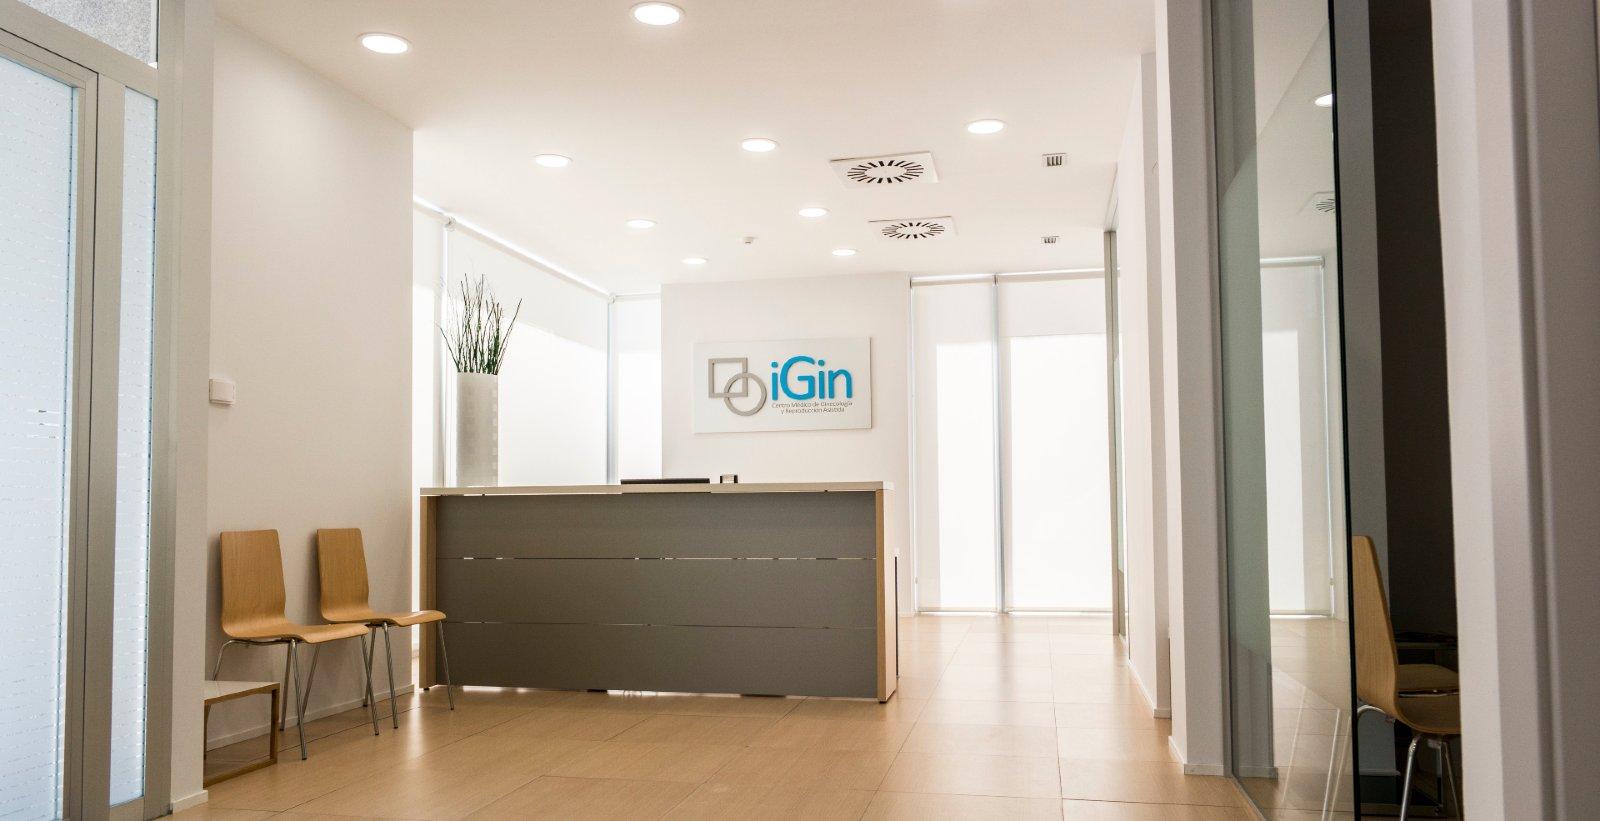 Reception at iGin